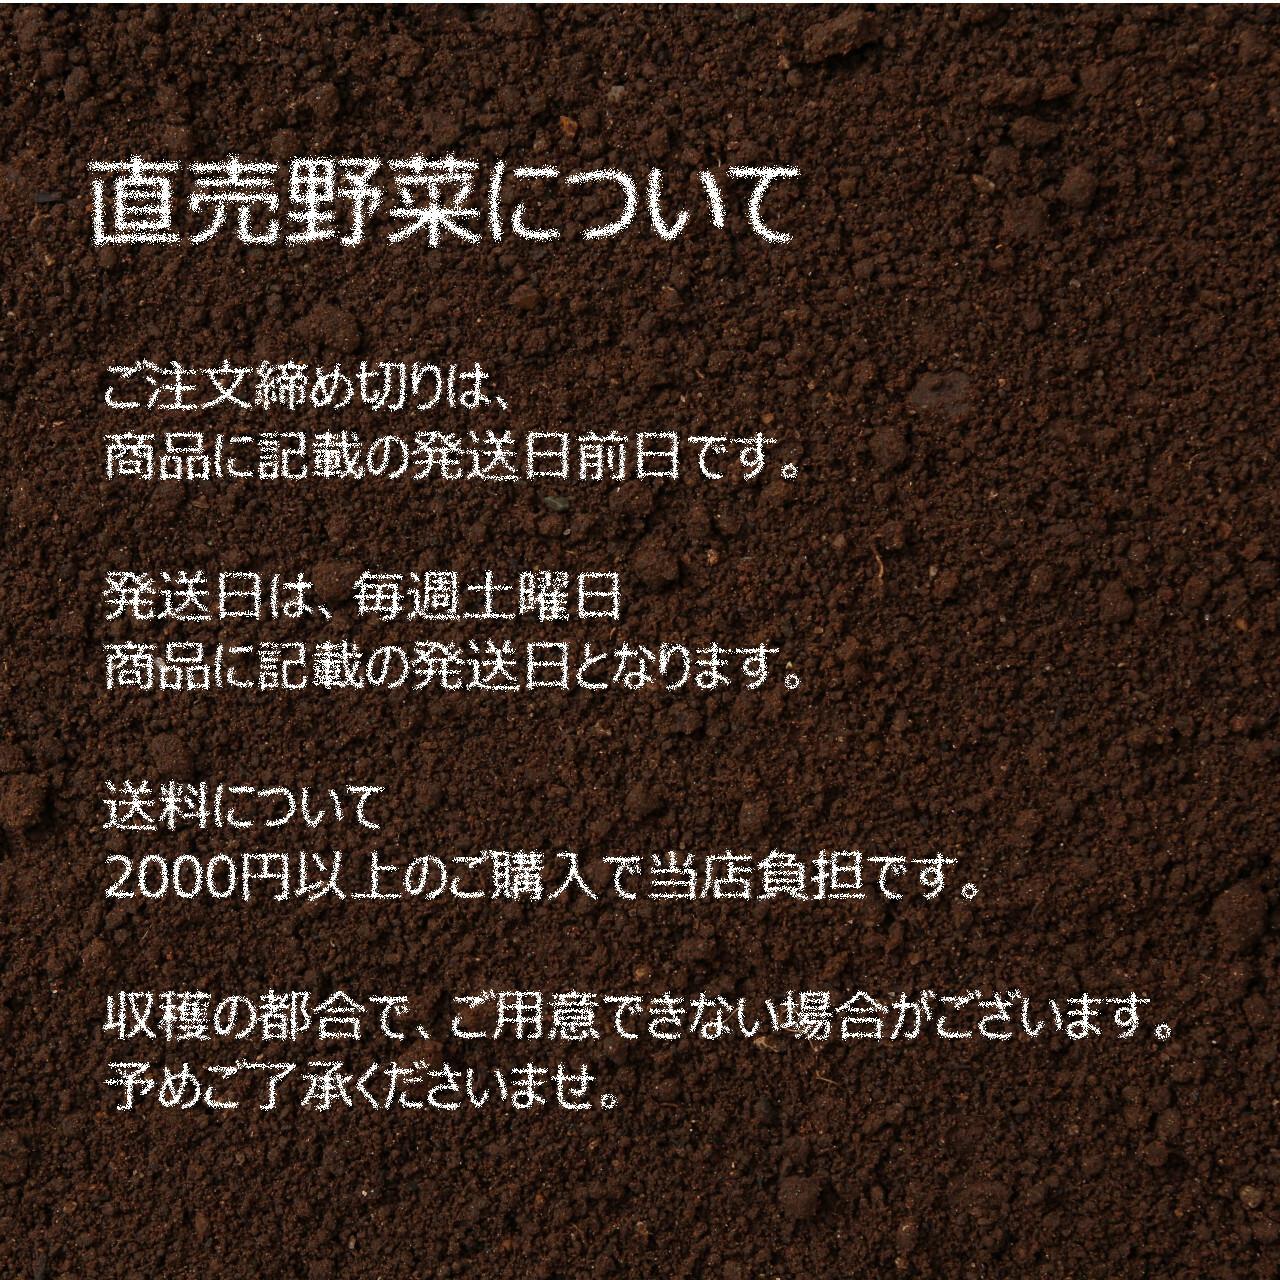 6月の朝採り直売野菜 : ニラ 約150g 春の新鮮野菜 6月6日発送予定